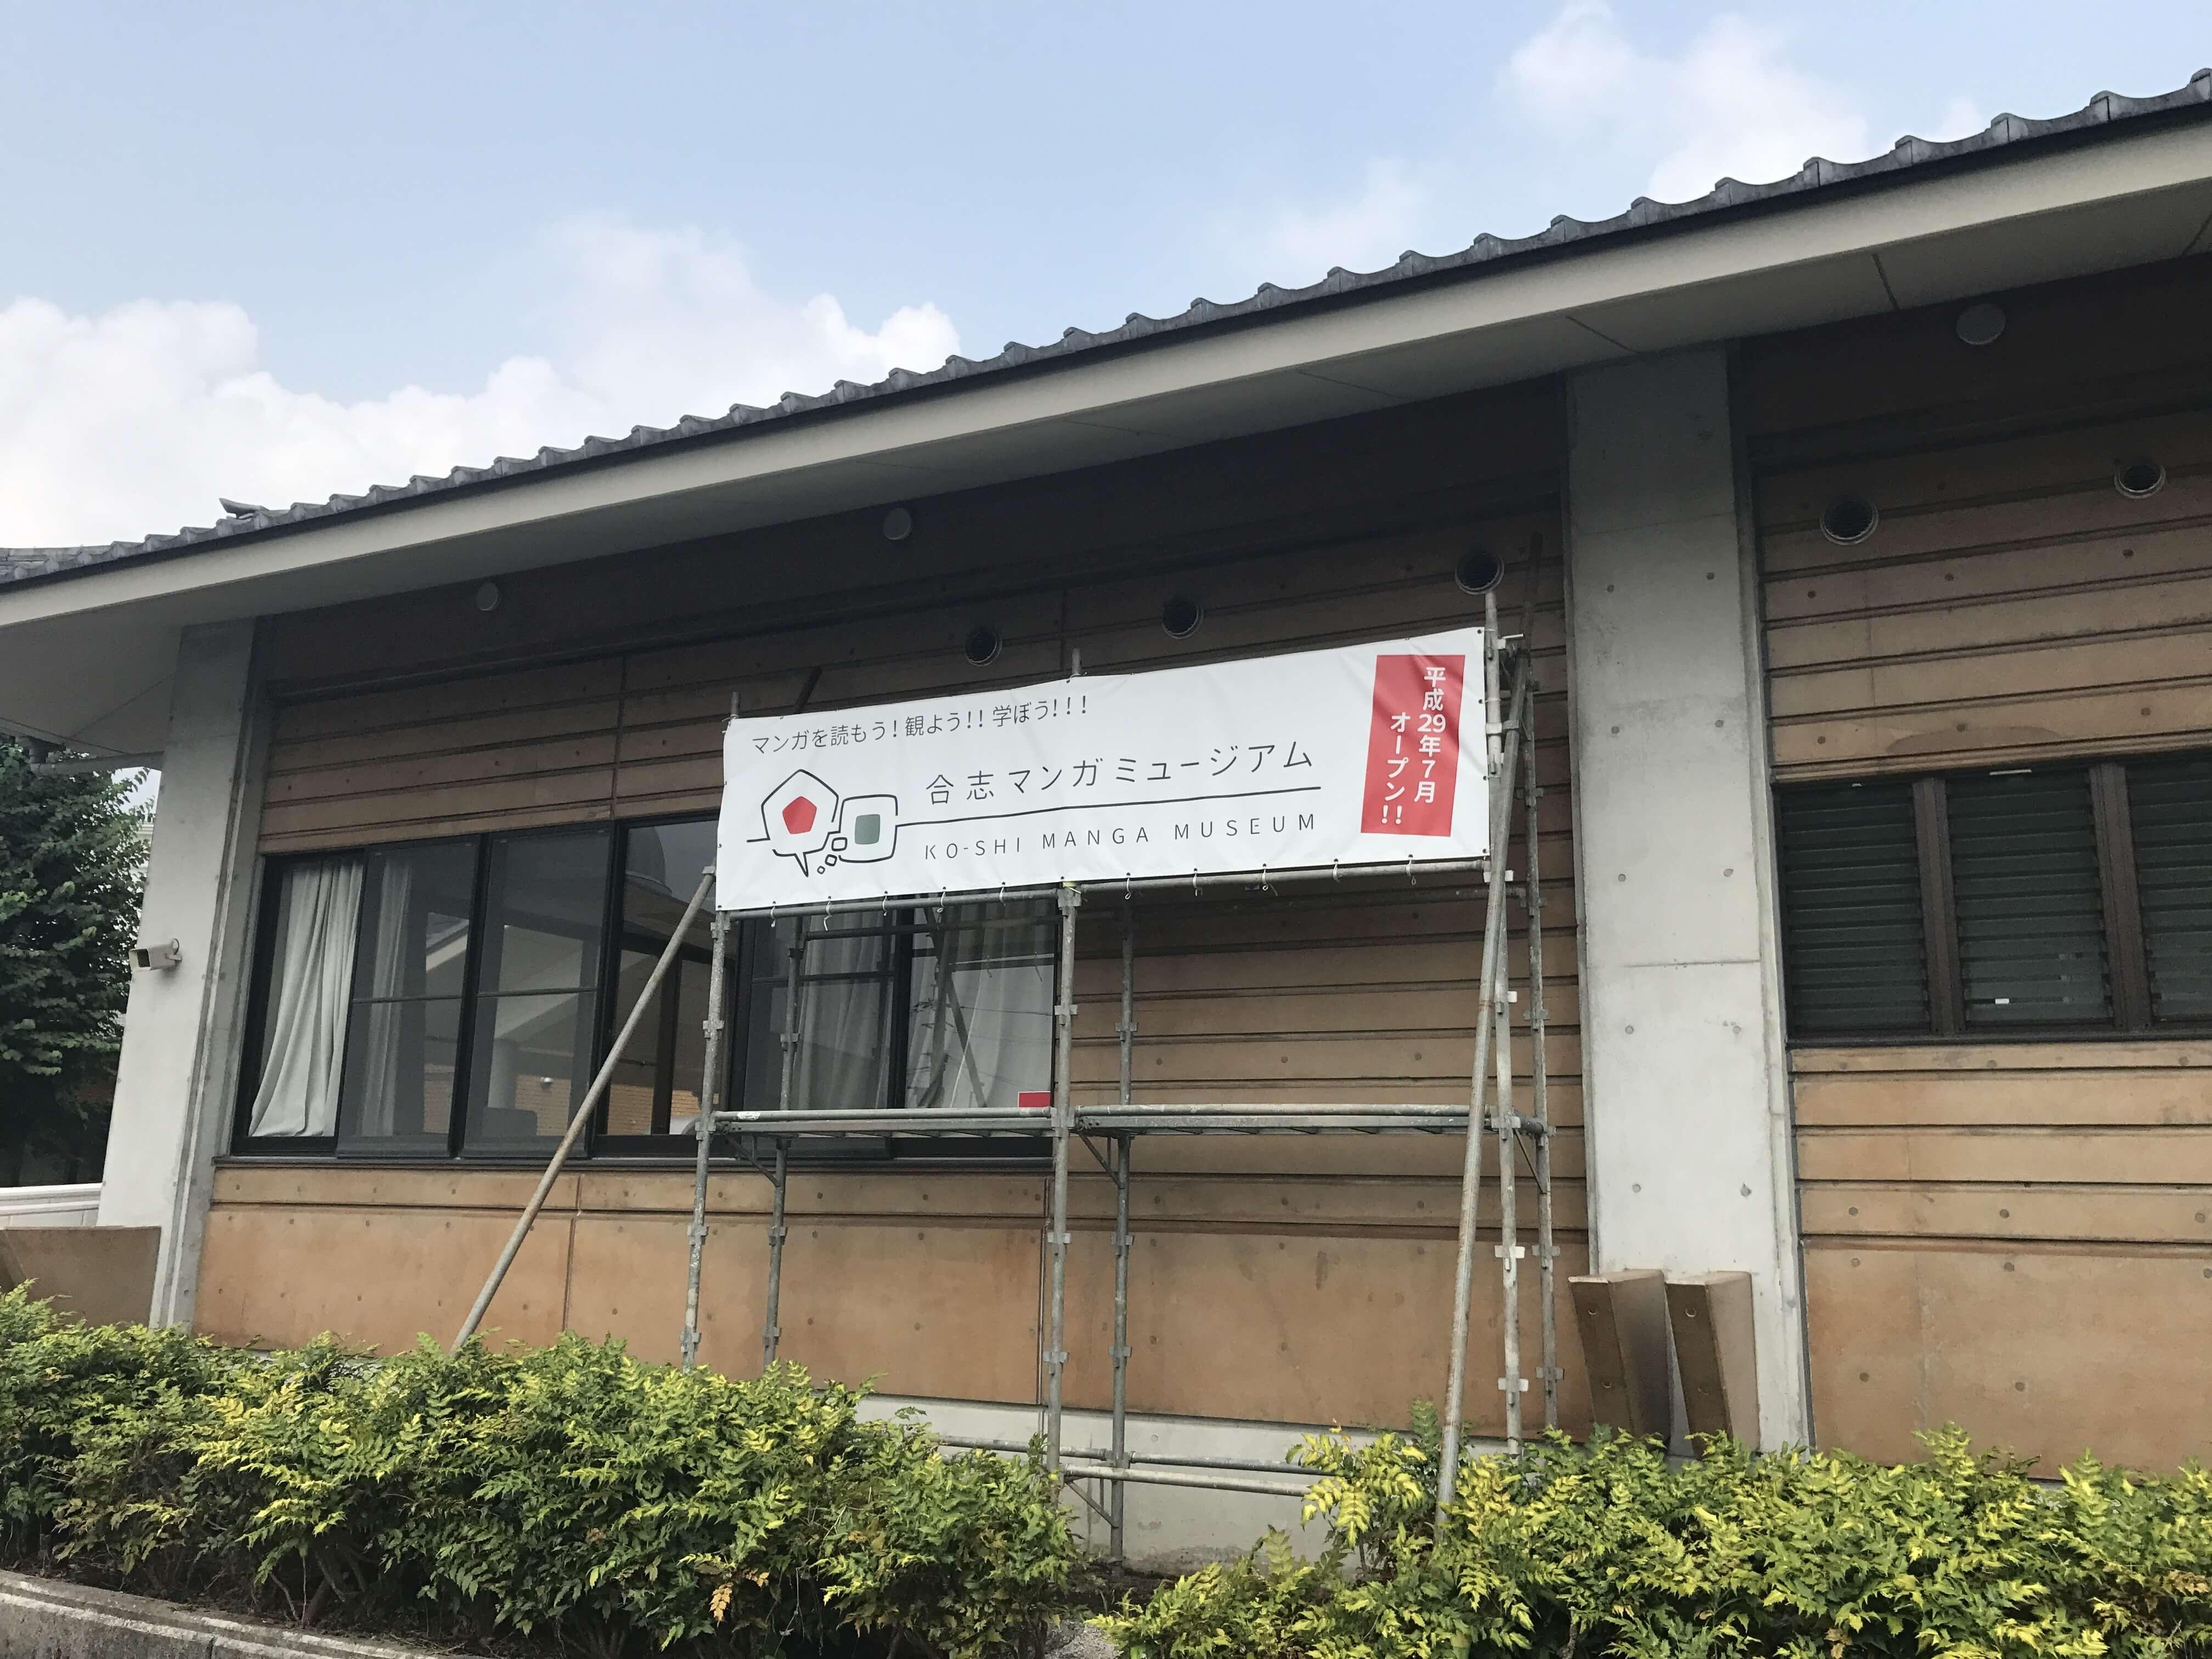 【熊本で焼肉食べ放題】お腹いっぱいお肉が食べれるオトクなオススメ焼肉店15選。